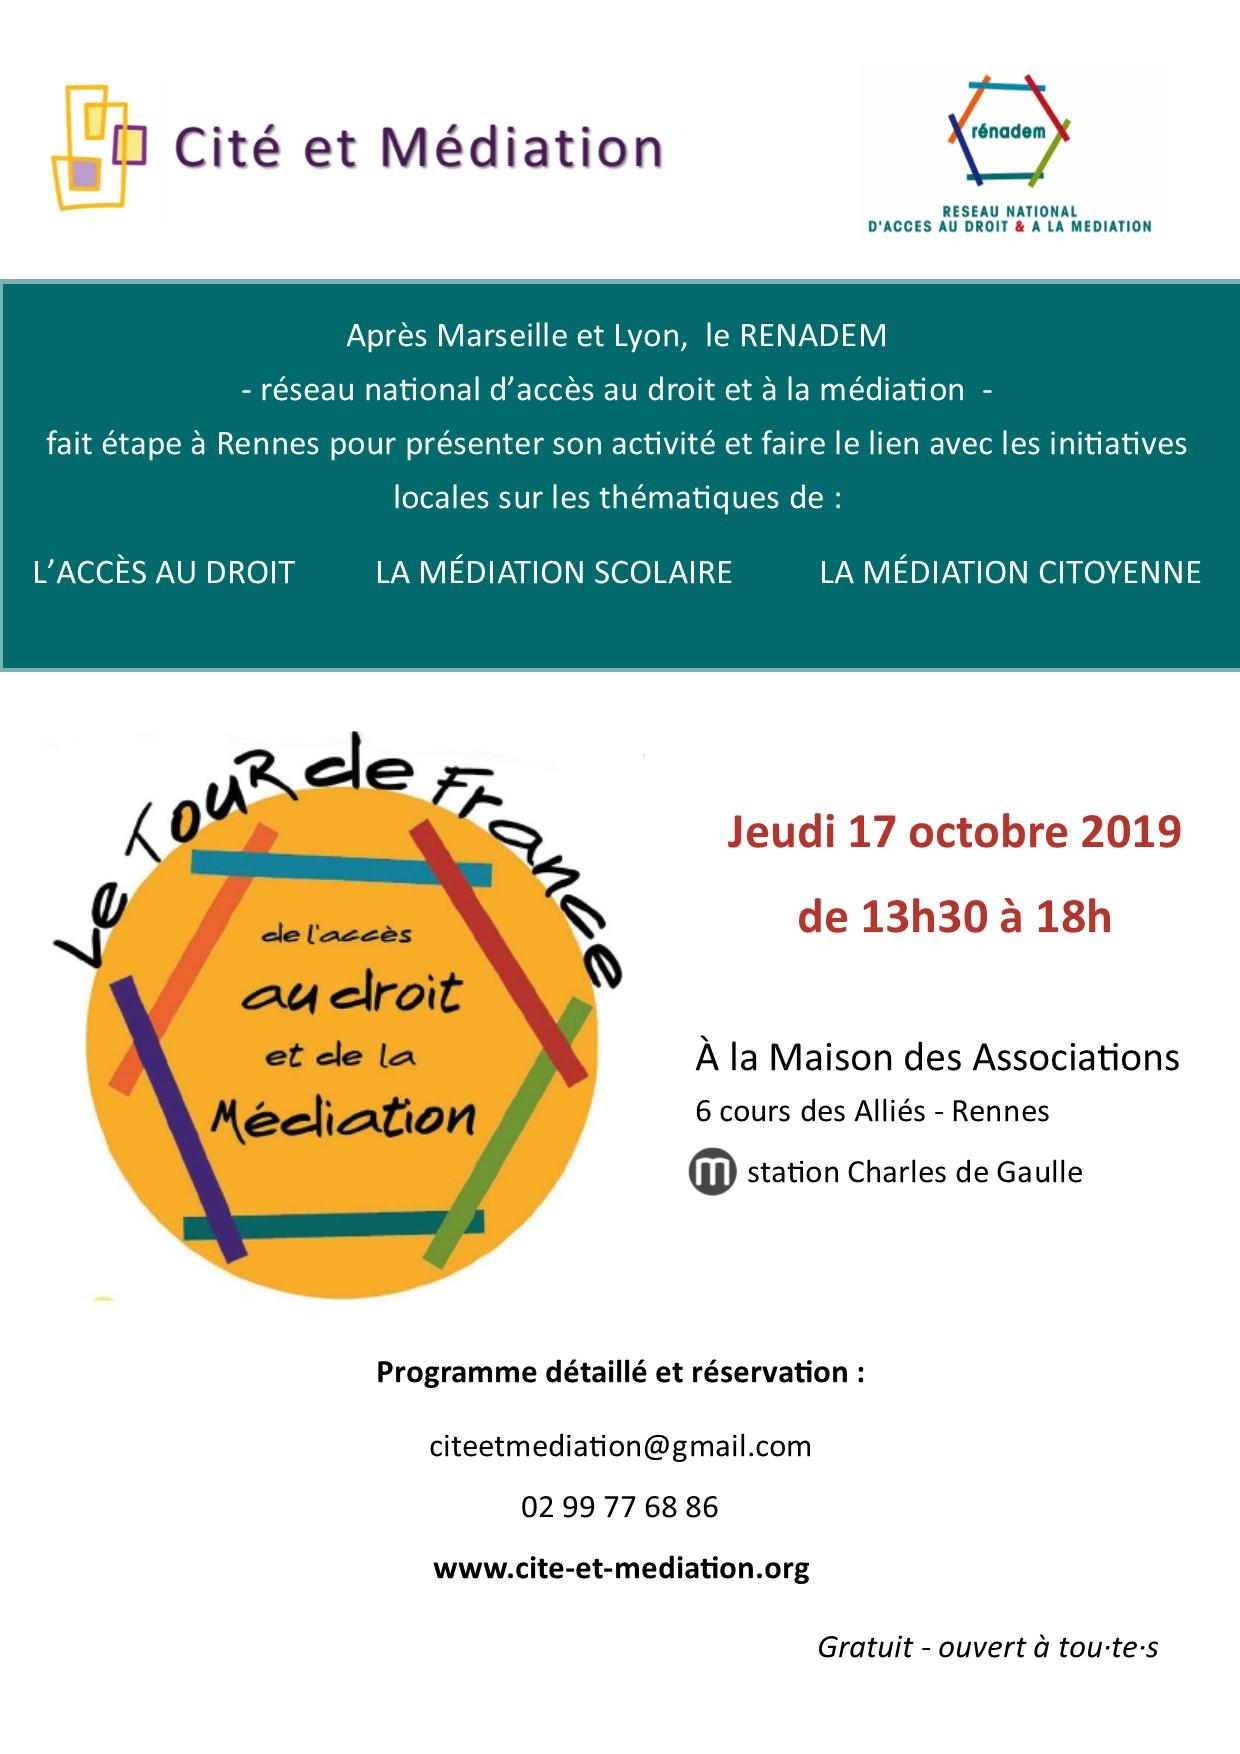 Tour de France RENADEM_Rennes_10.2019_AFFICHE_jpeg